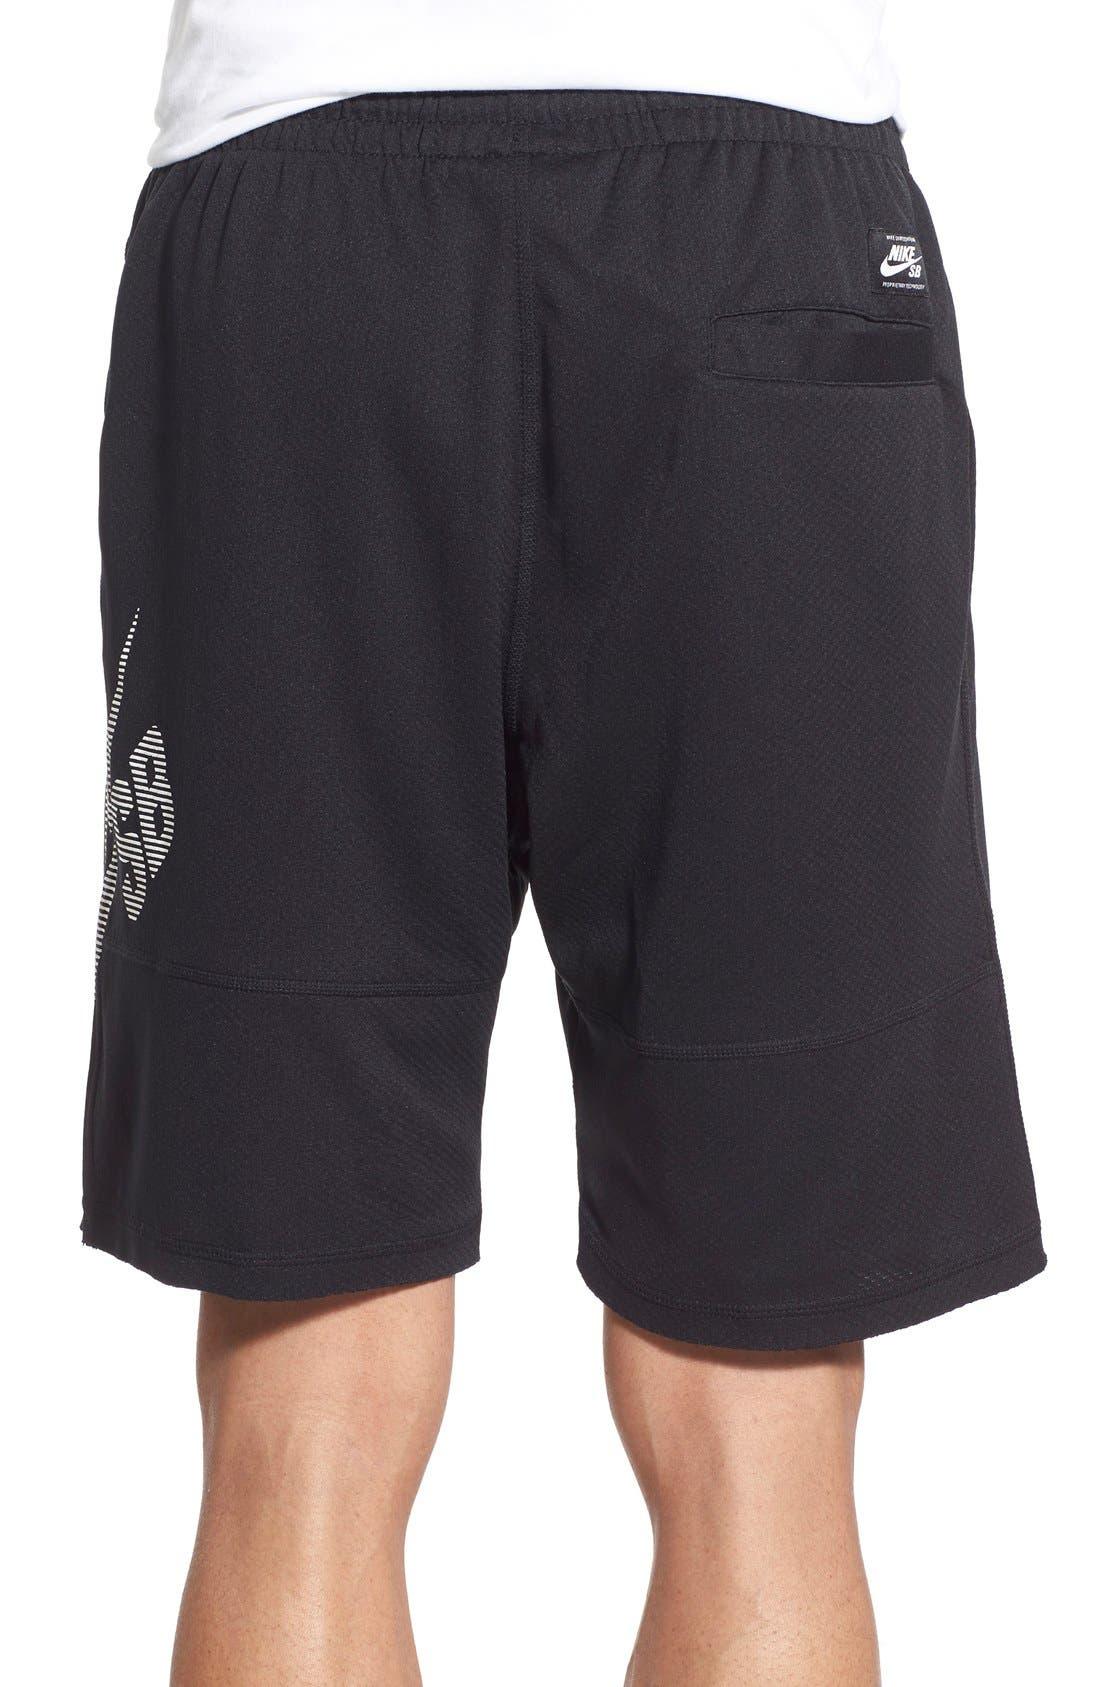 SB 'Stripe Sunday' Dri-FIT Shorts,                             Alternate thumbnail 4, color,                             010